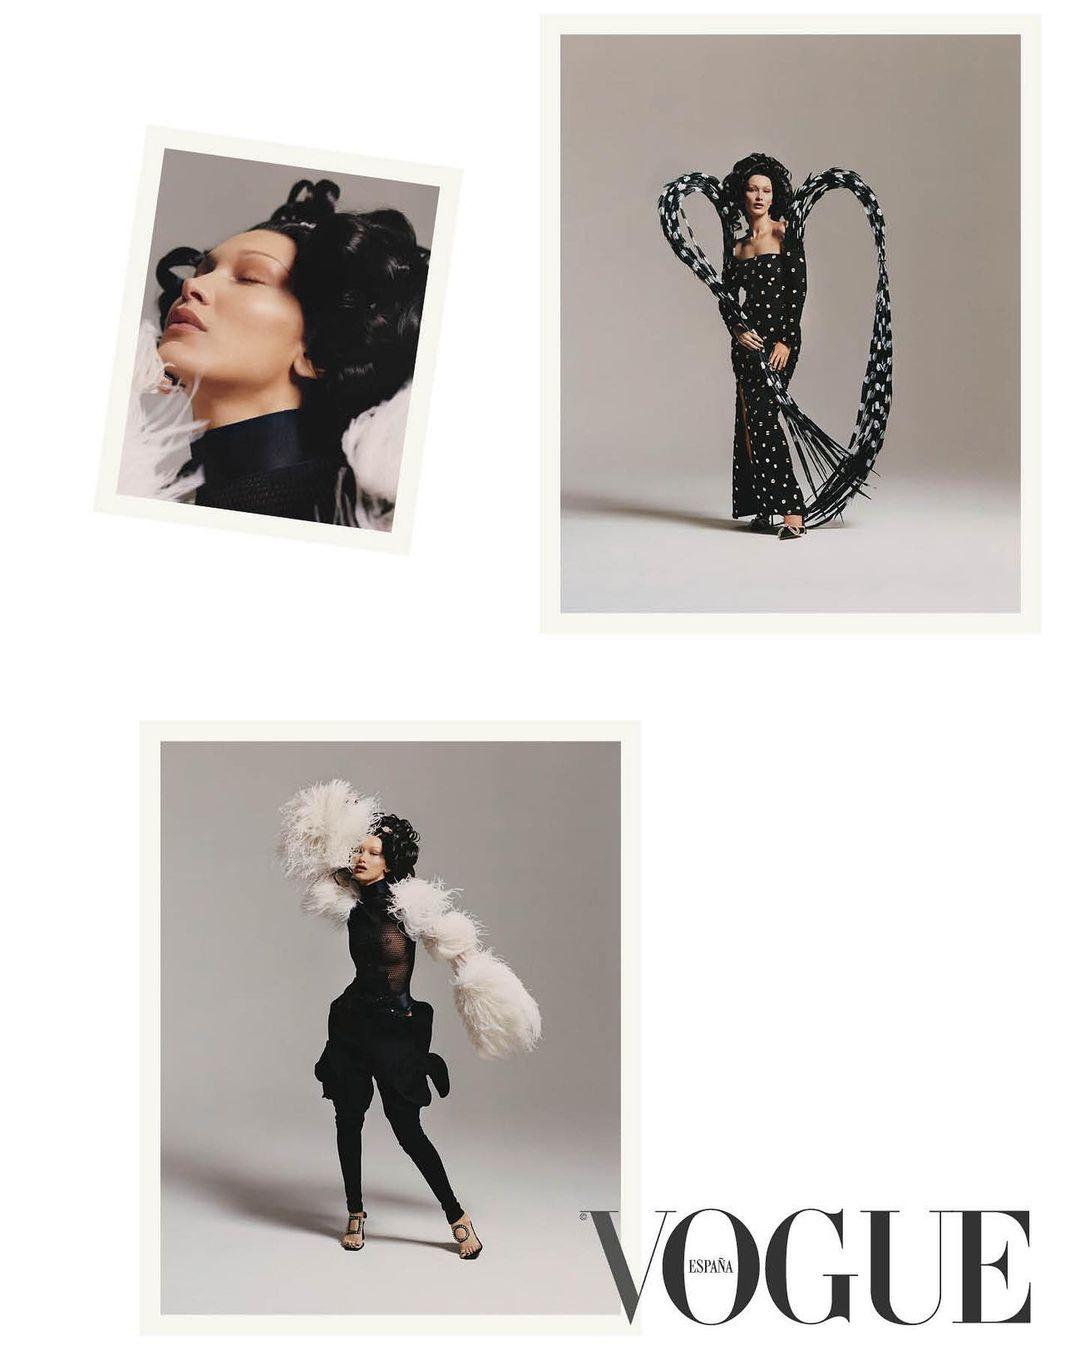 Белла Хадид снялась для испанского Vogue в образе Марии Антуанетты (ФОТО) - фото №5